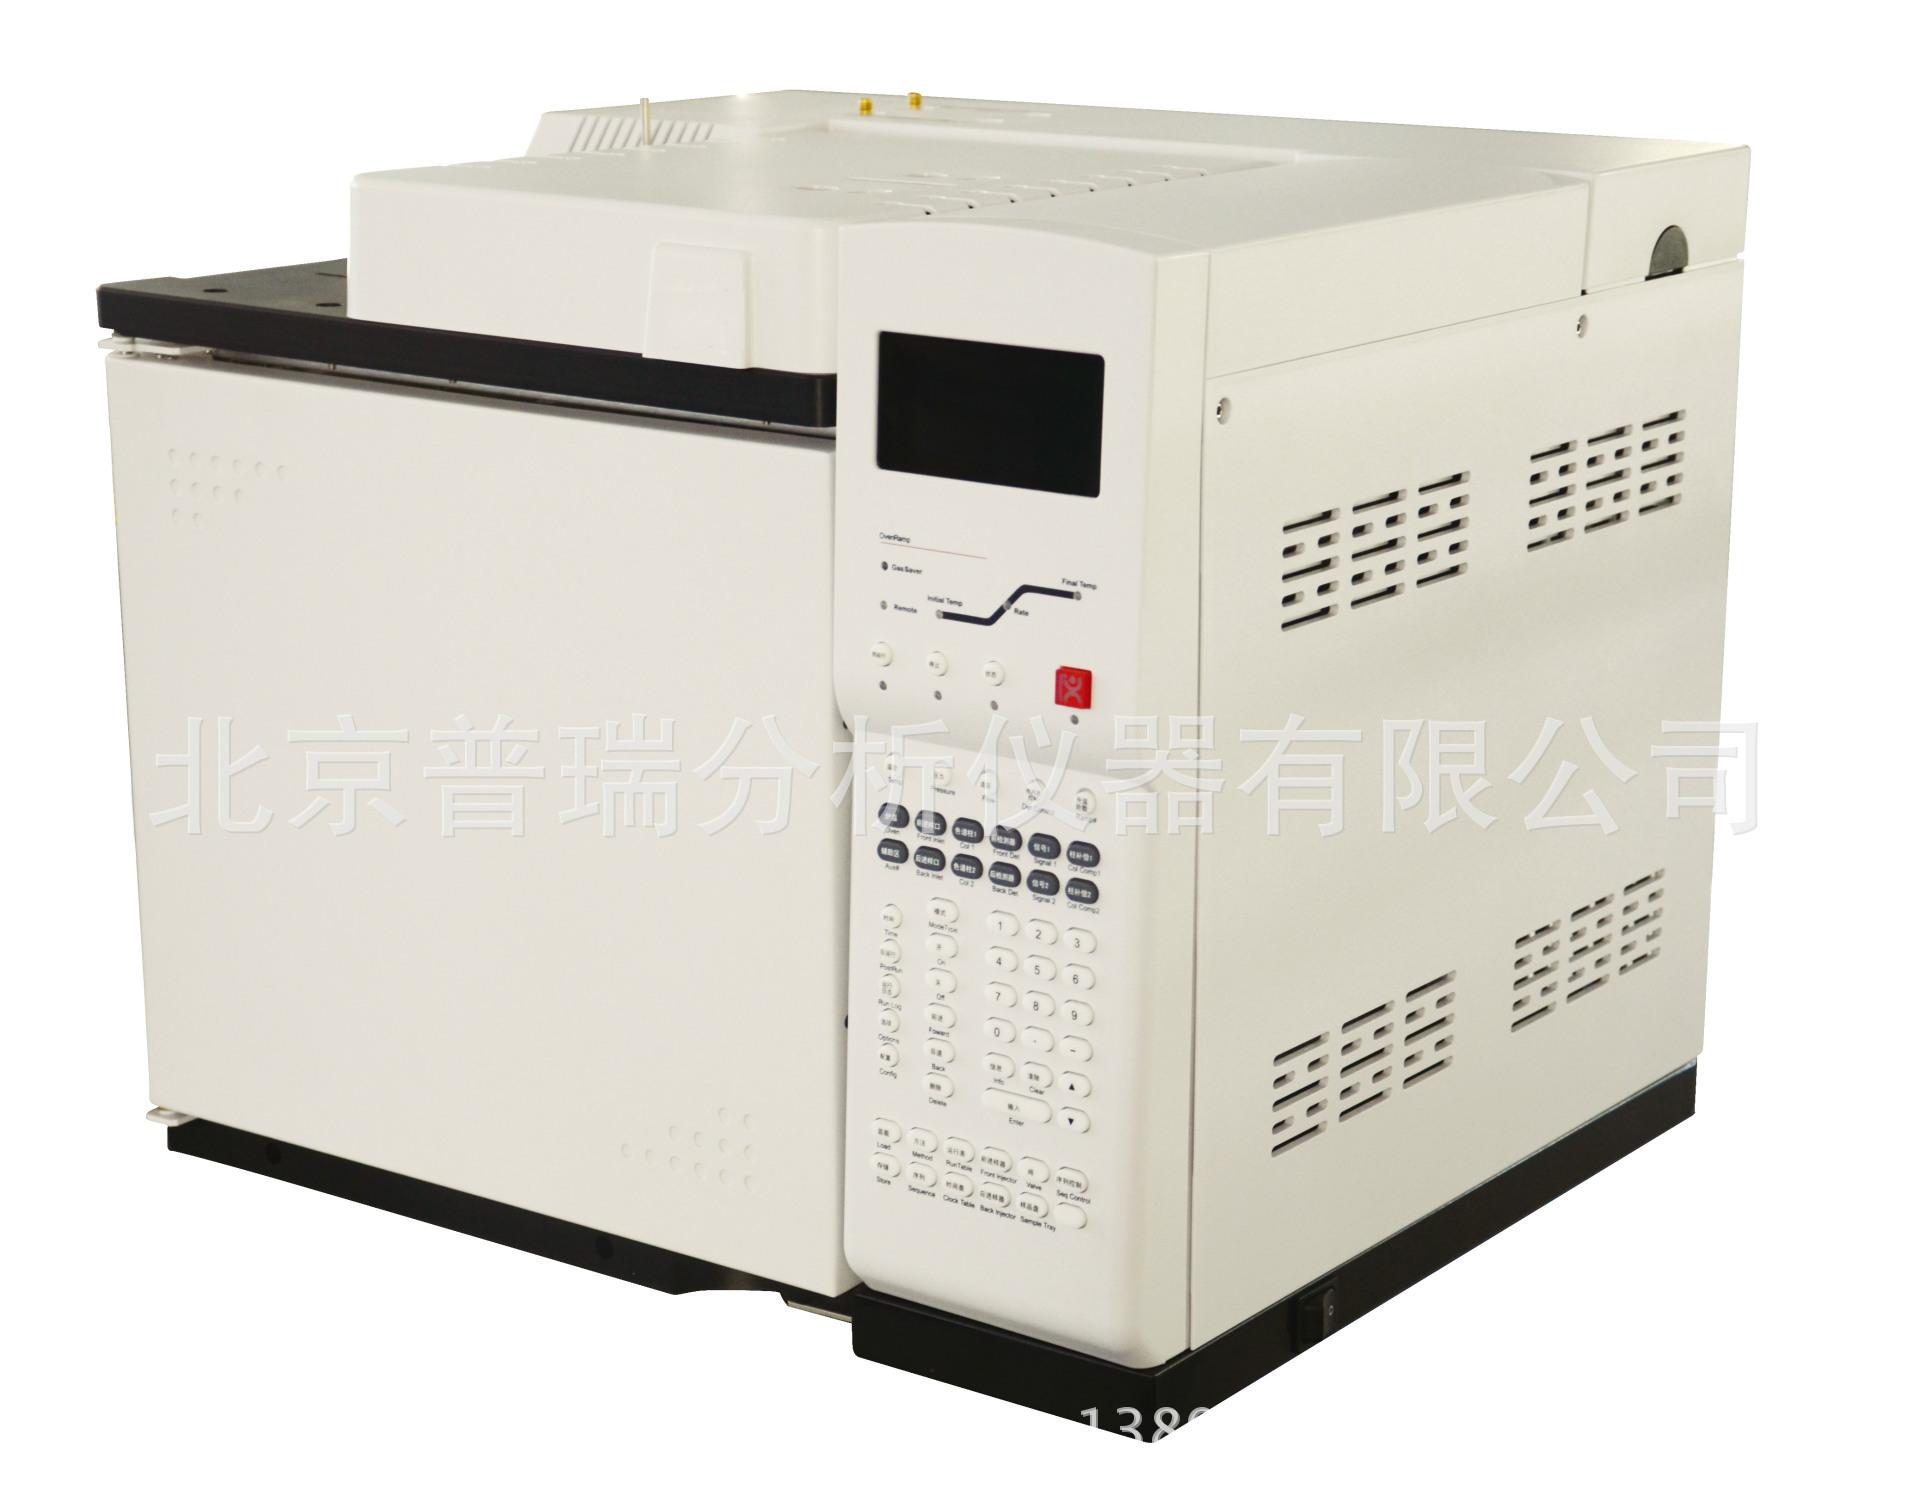 EPC控制气相色谱仪-非甲烷总烃普瑞色谱分析仪-VOC在线分析仪